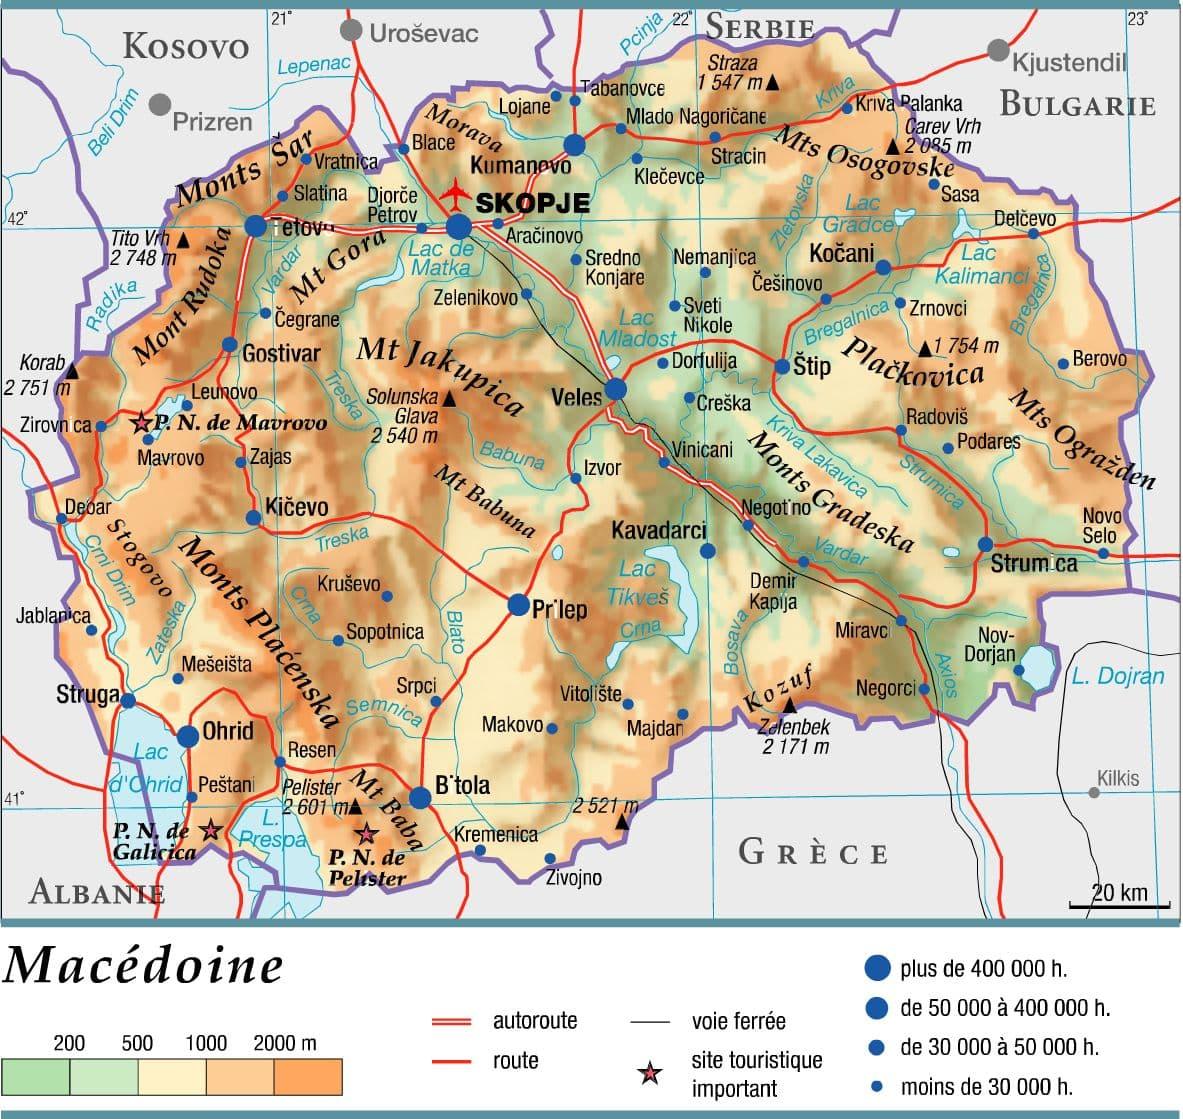 Encyclopédie Larousse en ligne   Macédoine